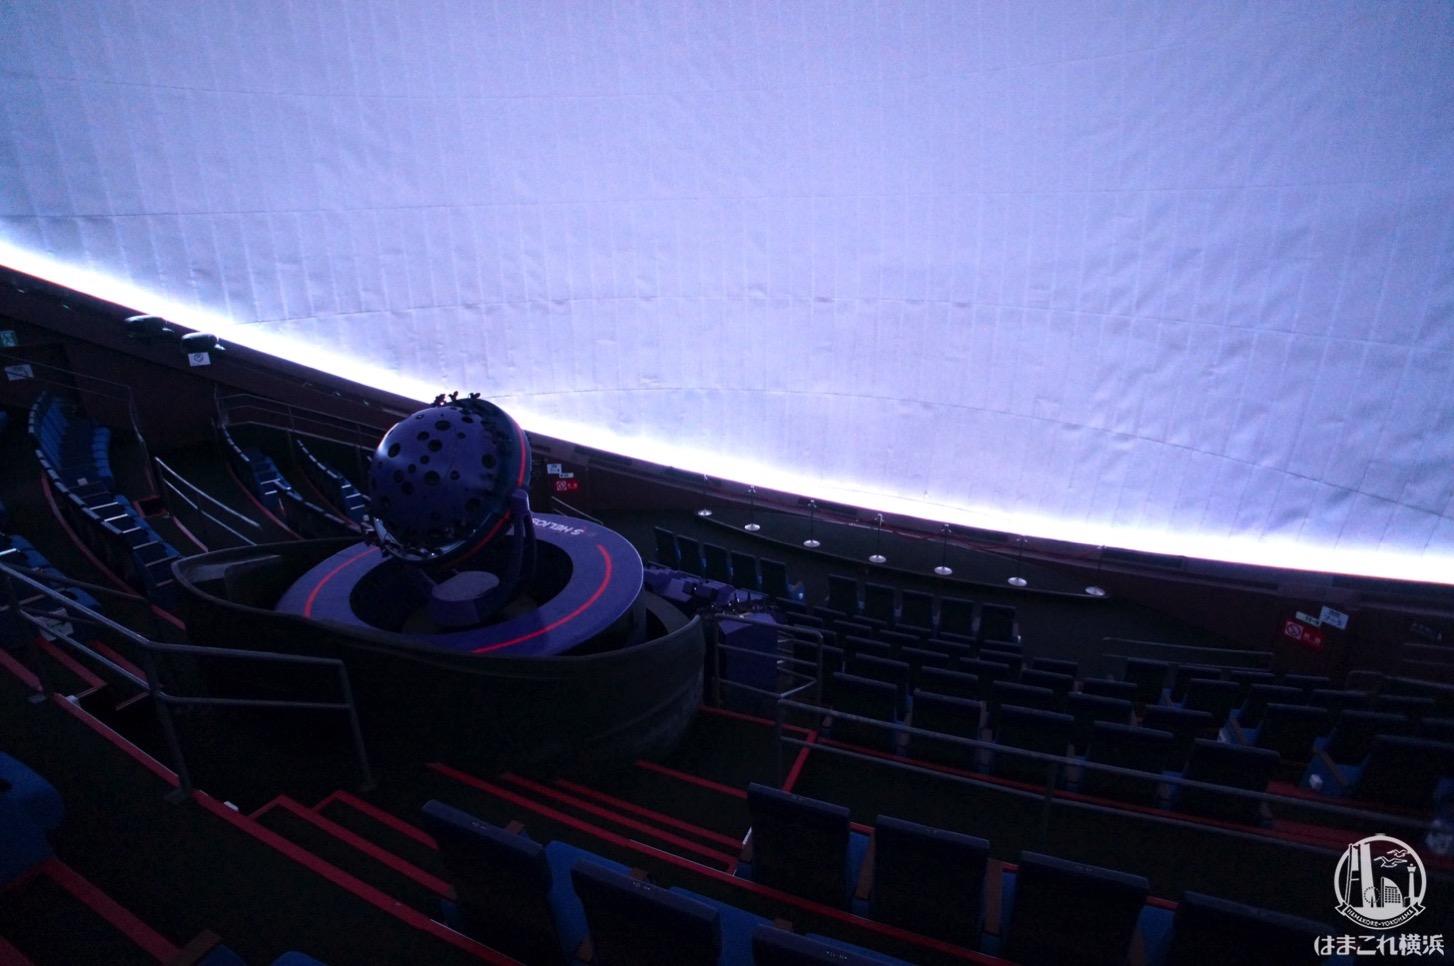 はまぎんこども宇宙科学館 宇宙劇場(プラネタリウム)